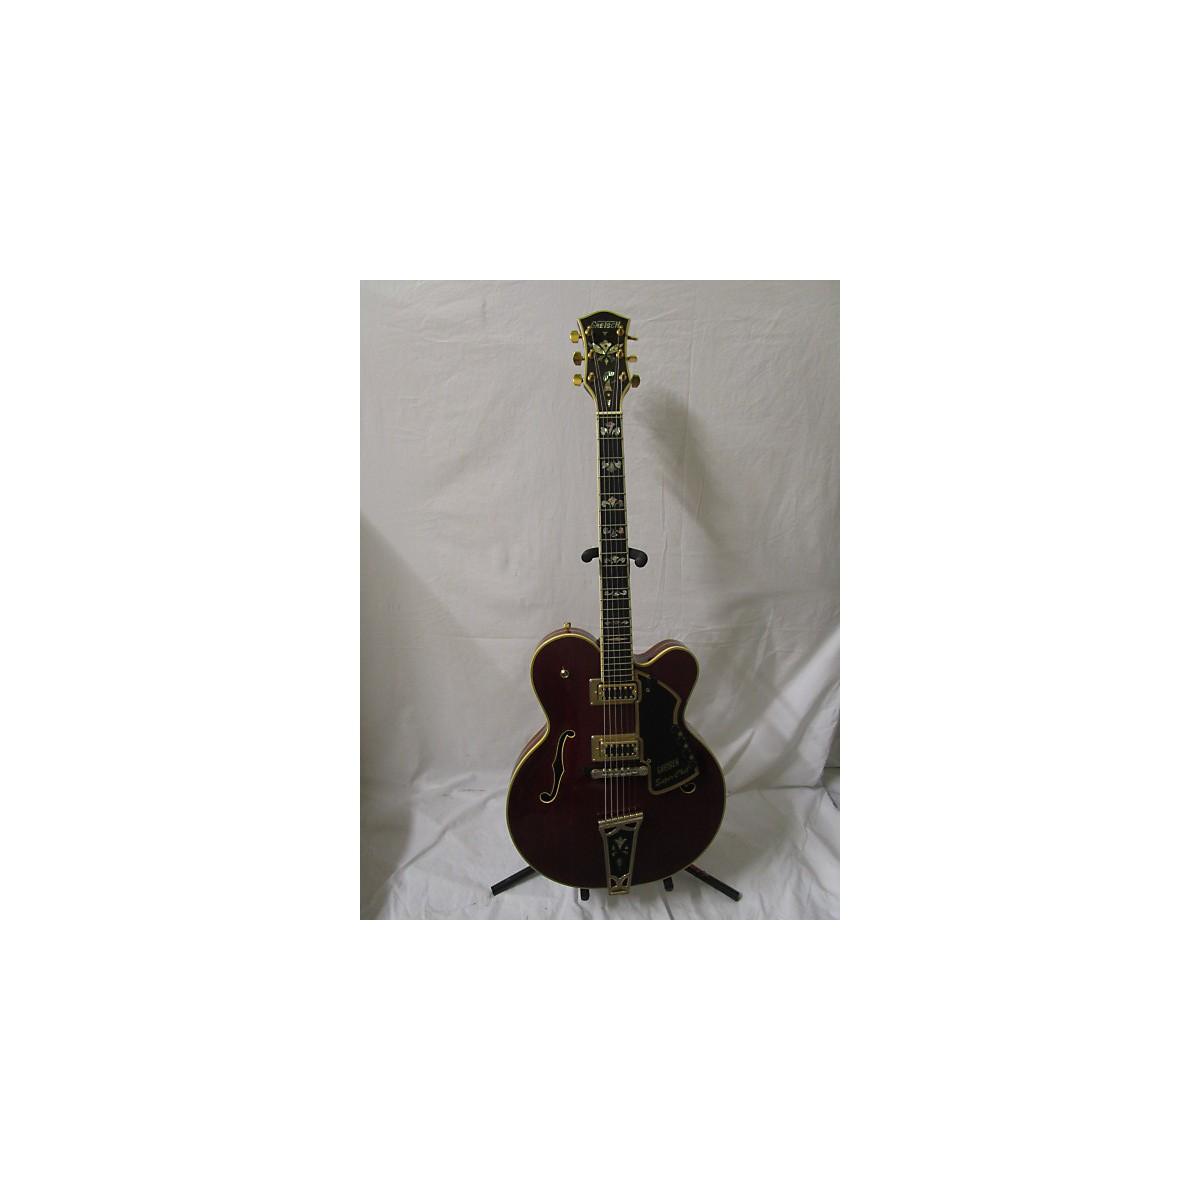 Gretsch Guitars 1972 7691 Super Chet Hollow Body Electric Guitar